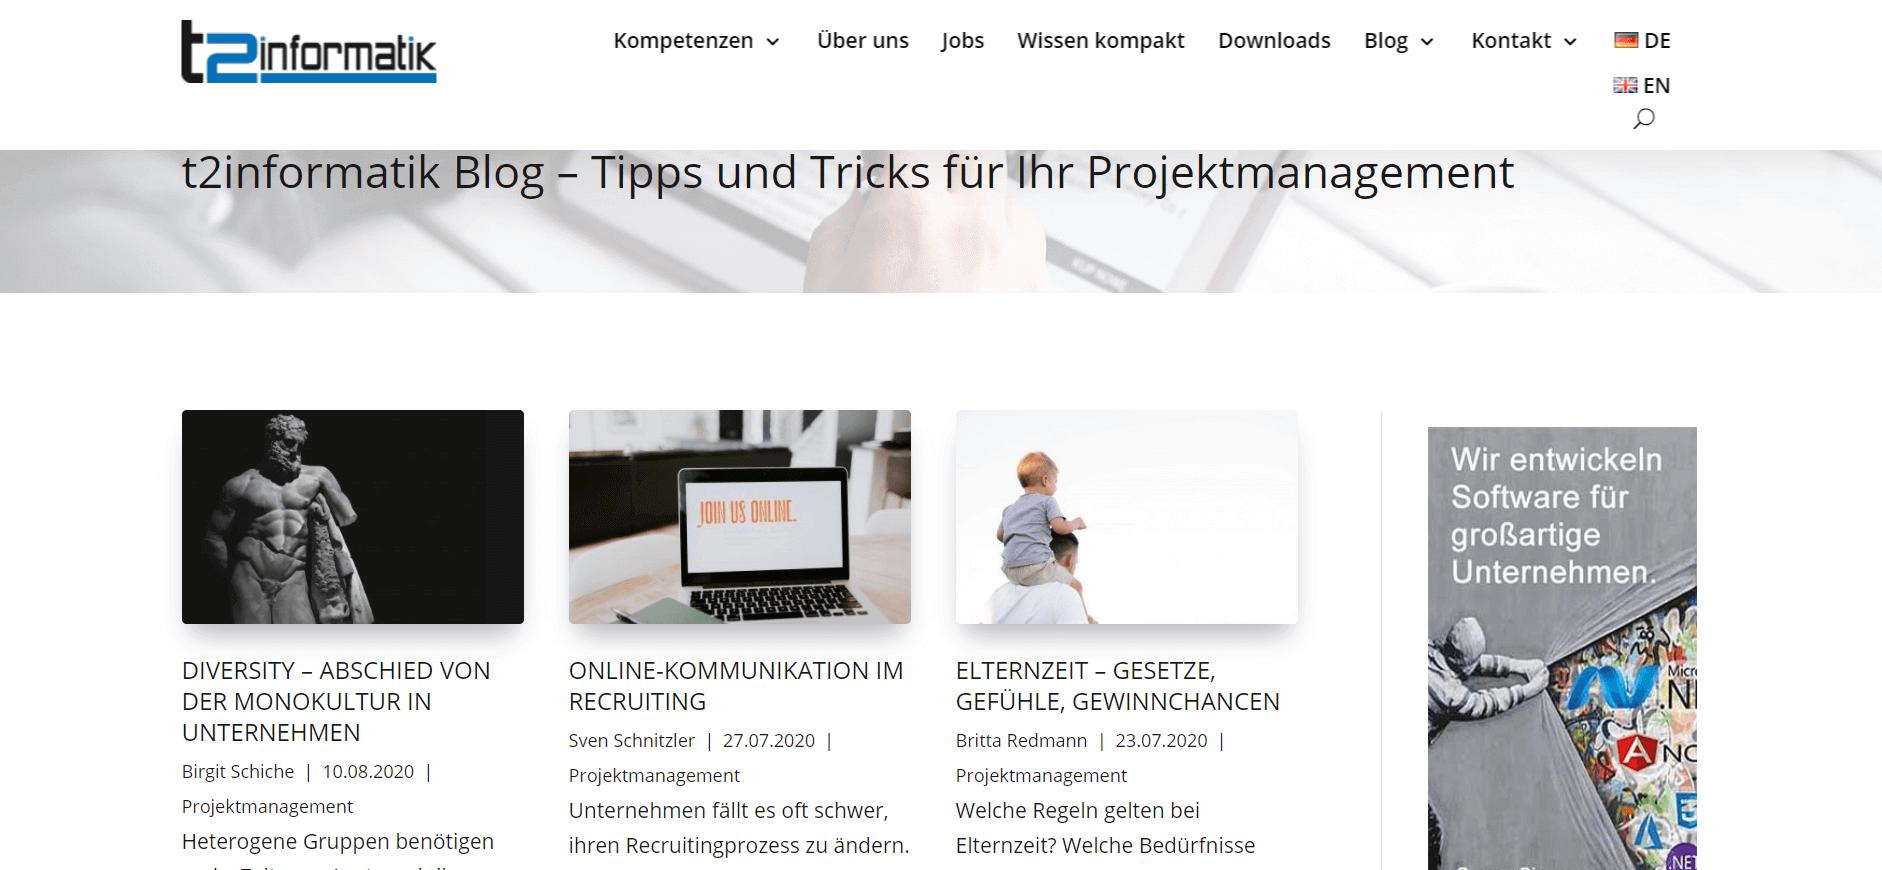 Projektmanagement-Blogs t2informatik-Blog